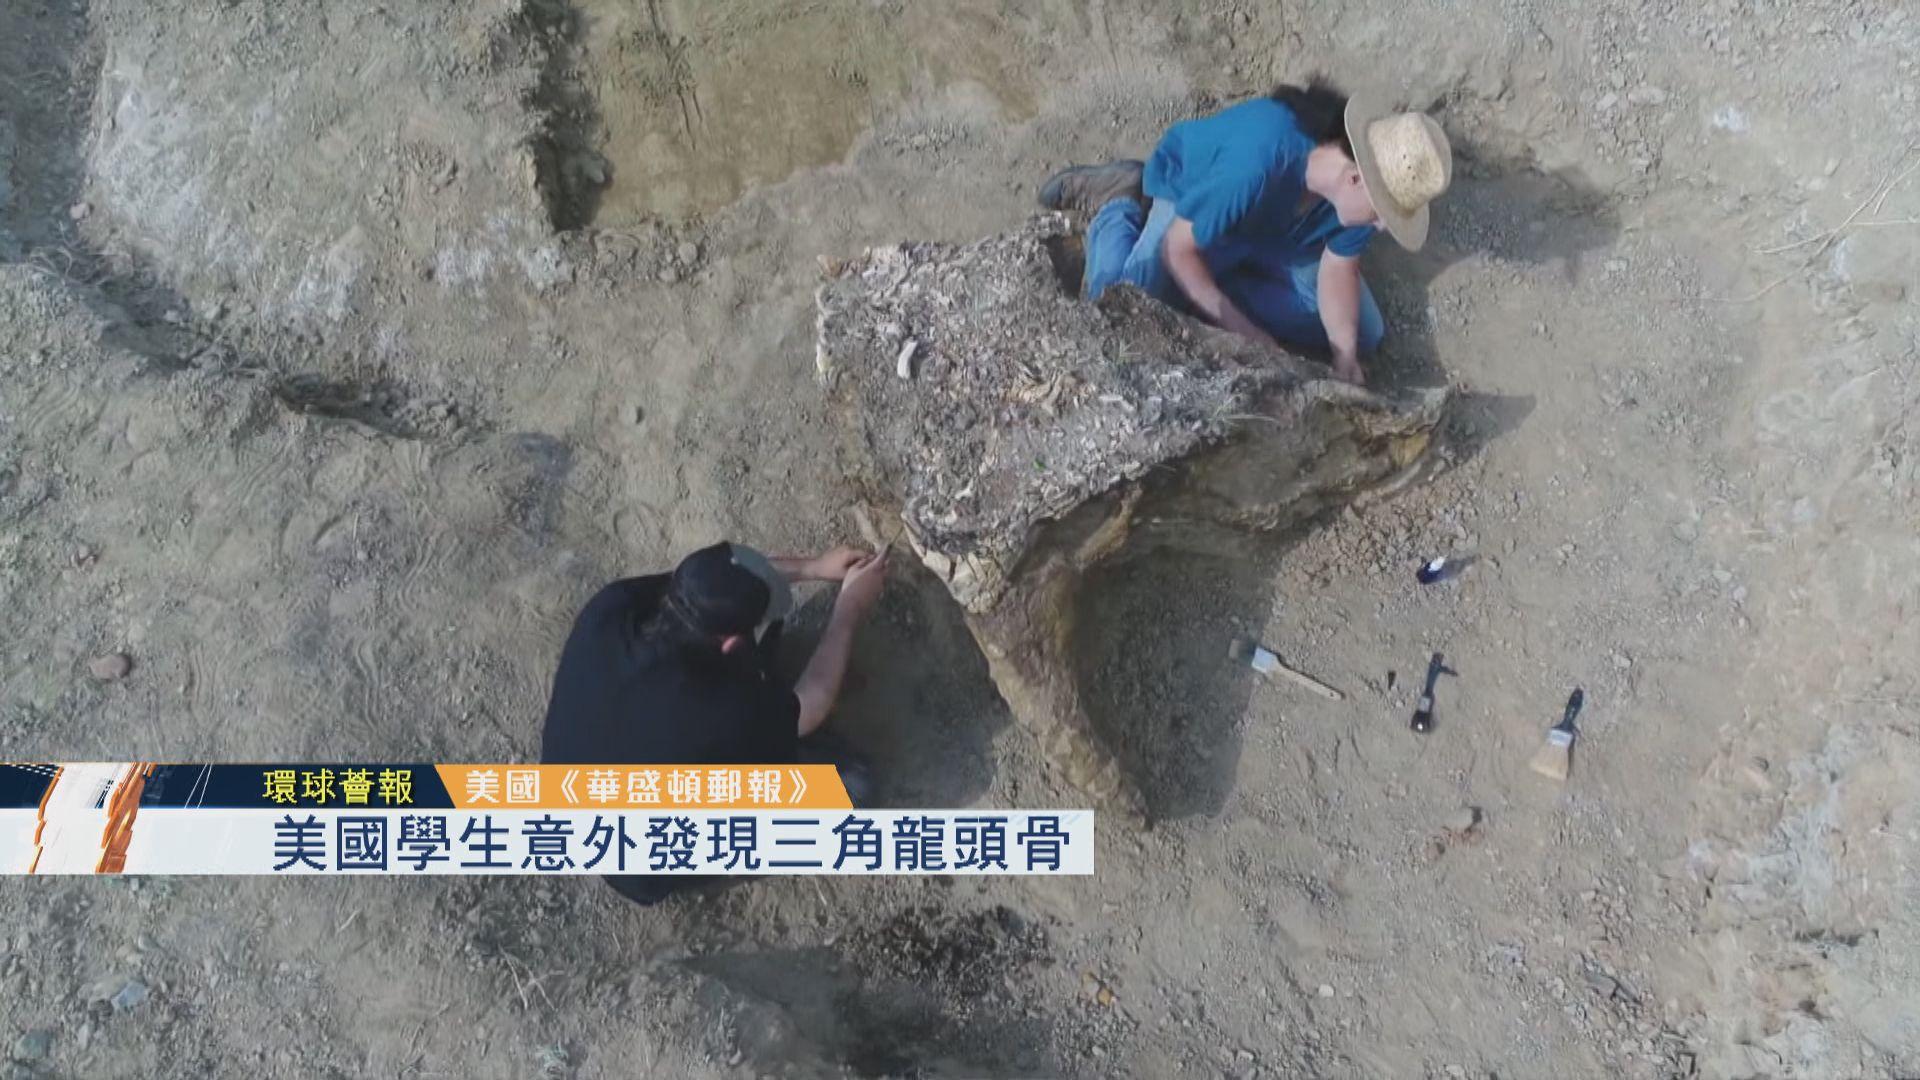 【環球薈報】美國學生意外發現三角龍頭骨